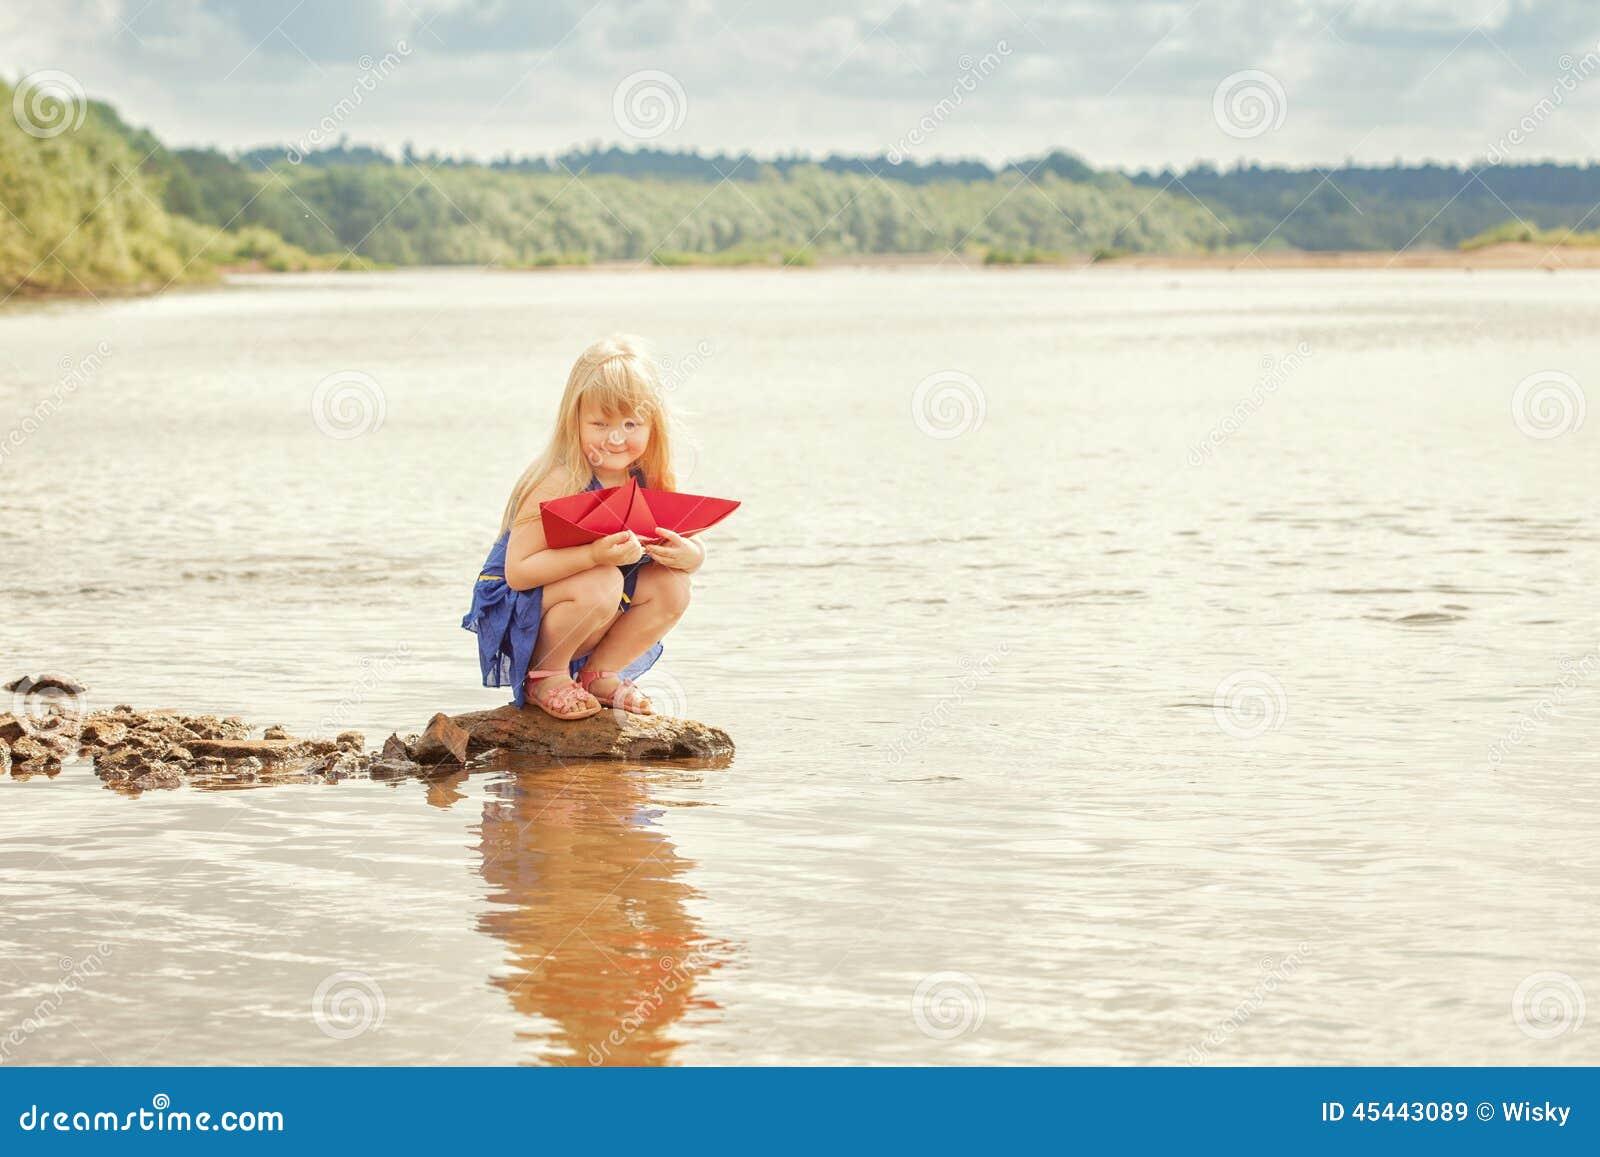 Bilder von pinkelnden Mädchen